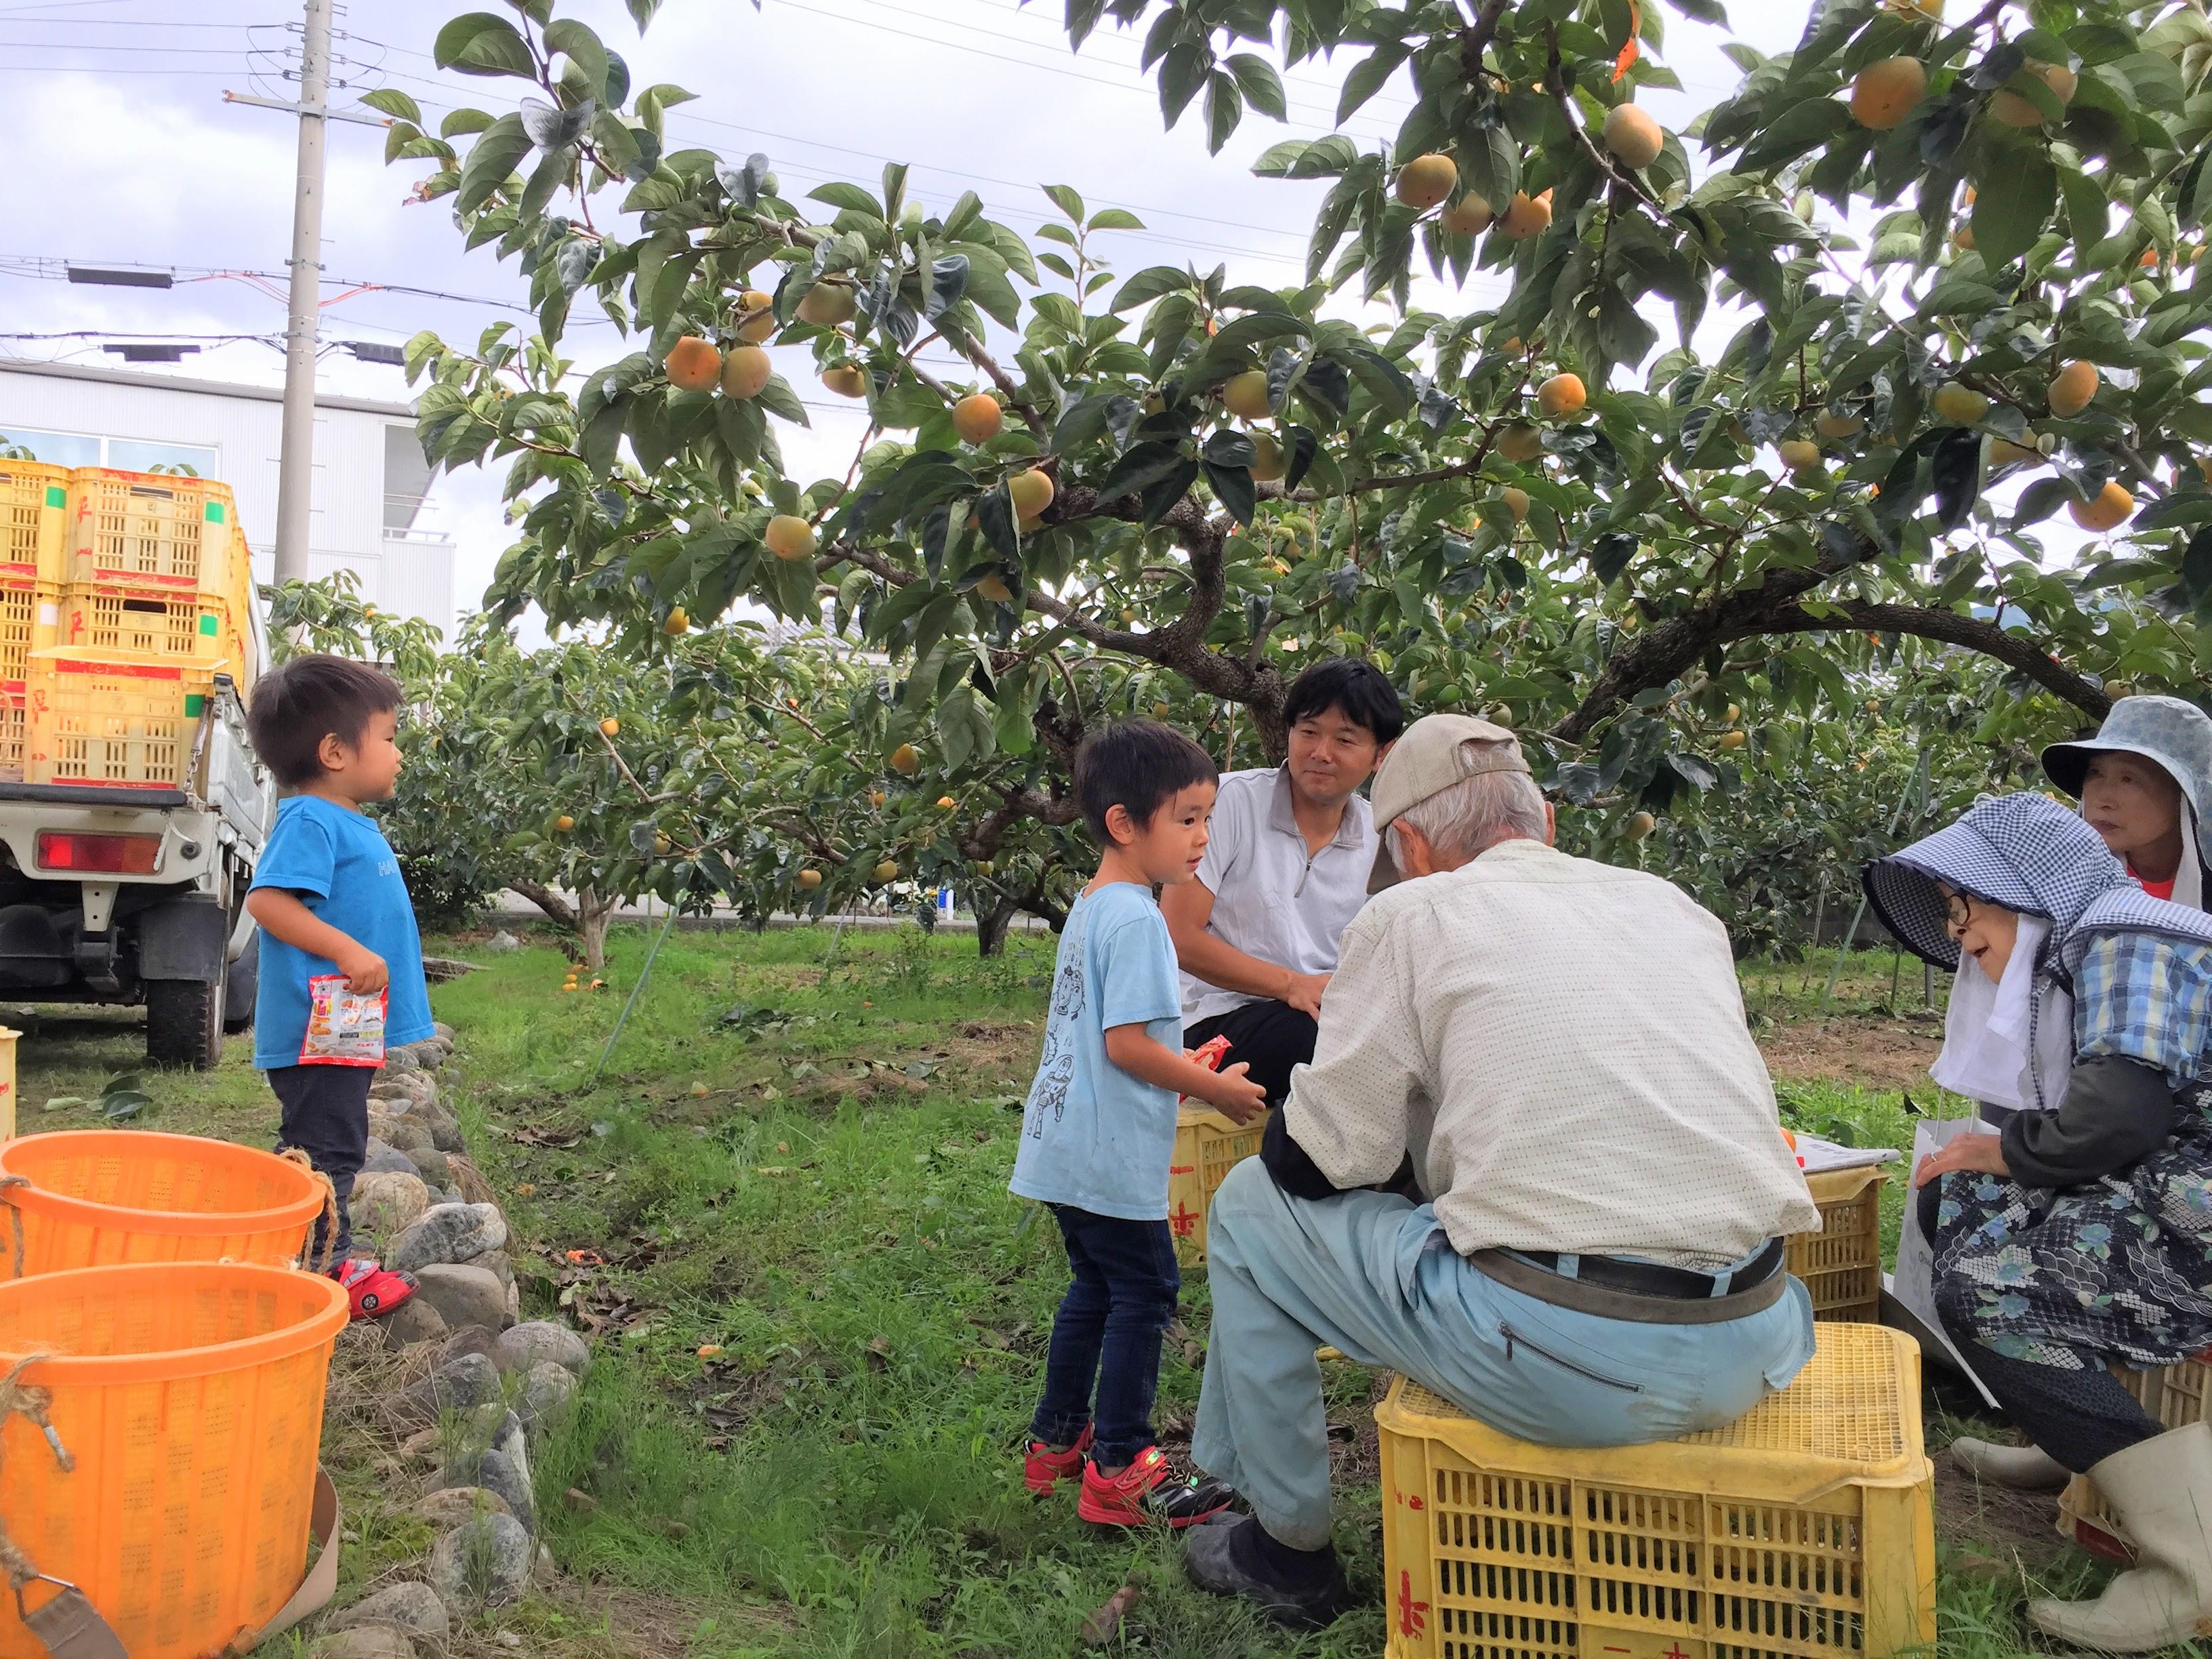 n域の柿農家さんの収穫を家族でお手伝い。廃棄される柿も頂き、無添加こどもグミぃ~。にする。.JPG (2.03 MB)